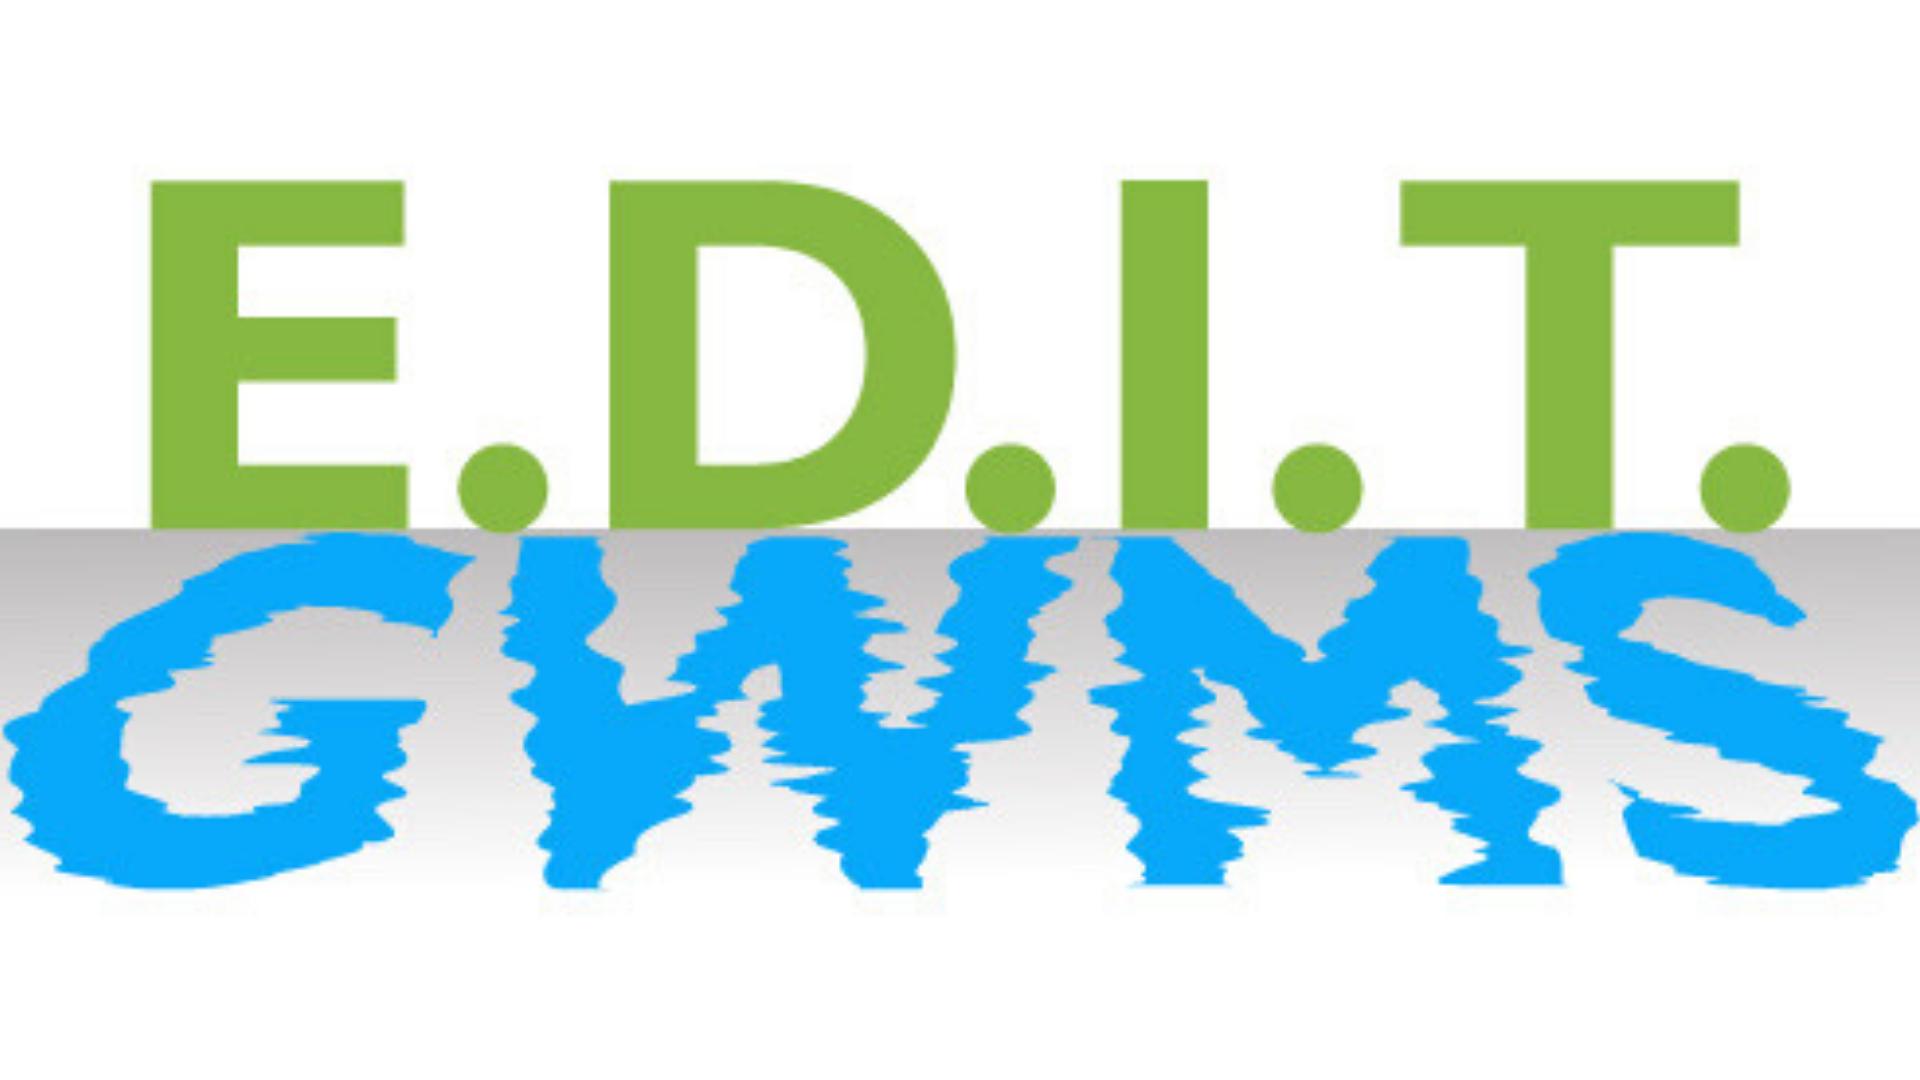 gwms-marketing-edit-logo